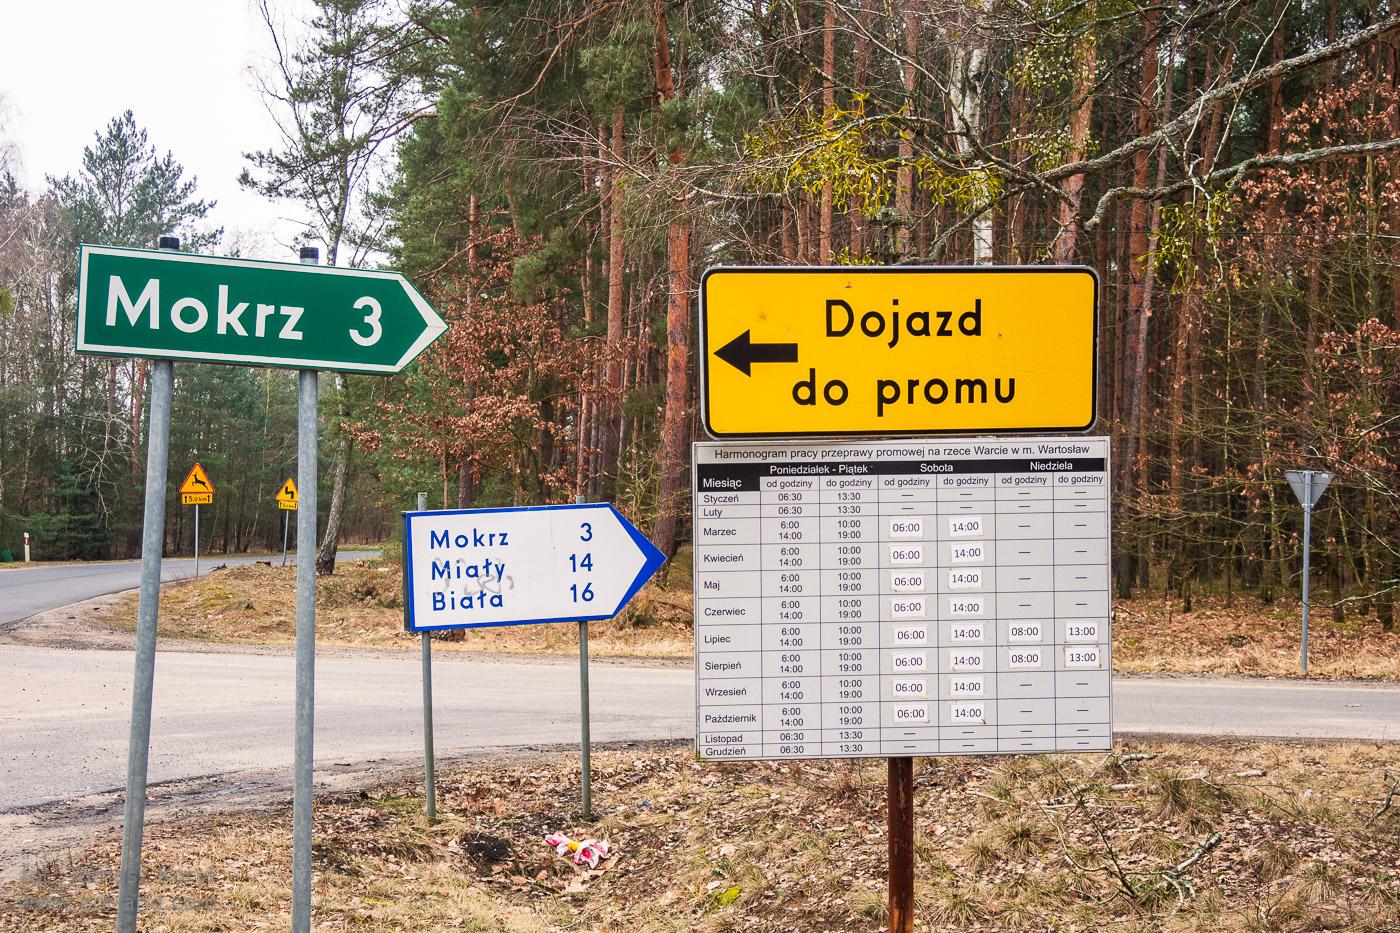 Prom rzeczny na Warcie Wartosław - Krasnobrzeg (gmina Wronki) fot. Tomasz Koryl